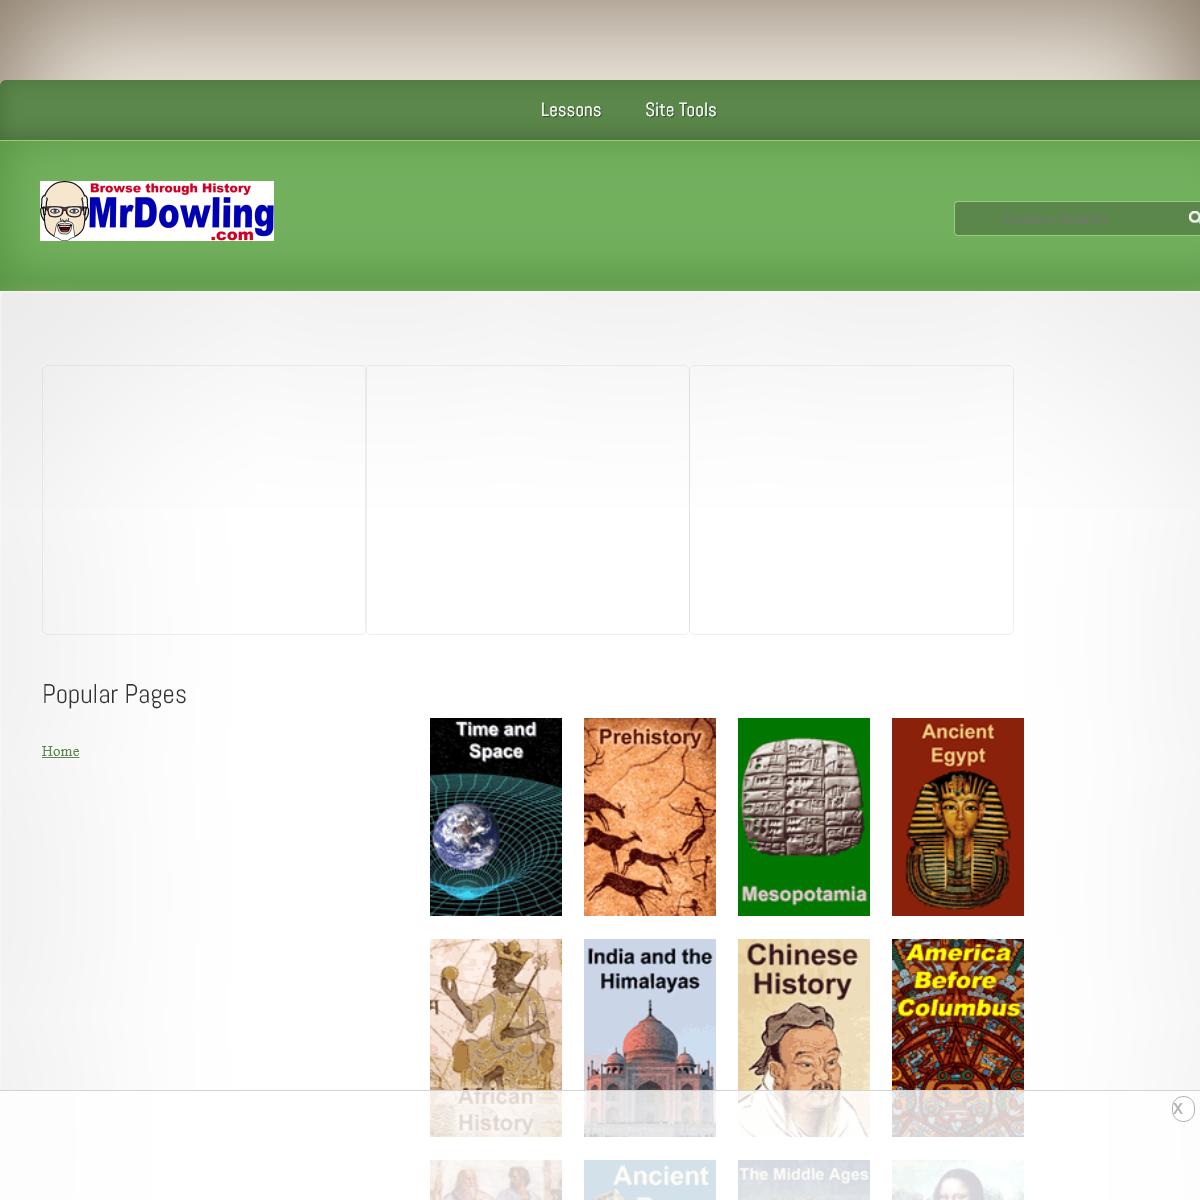 Home - Mr. Dowling.com